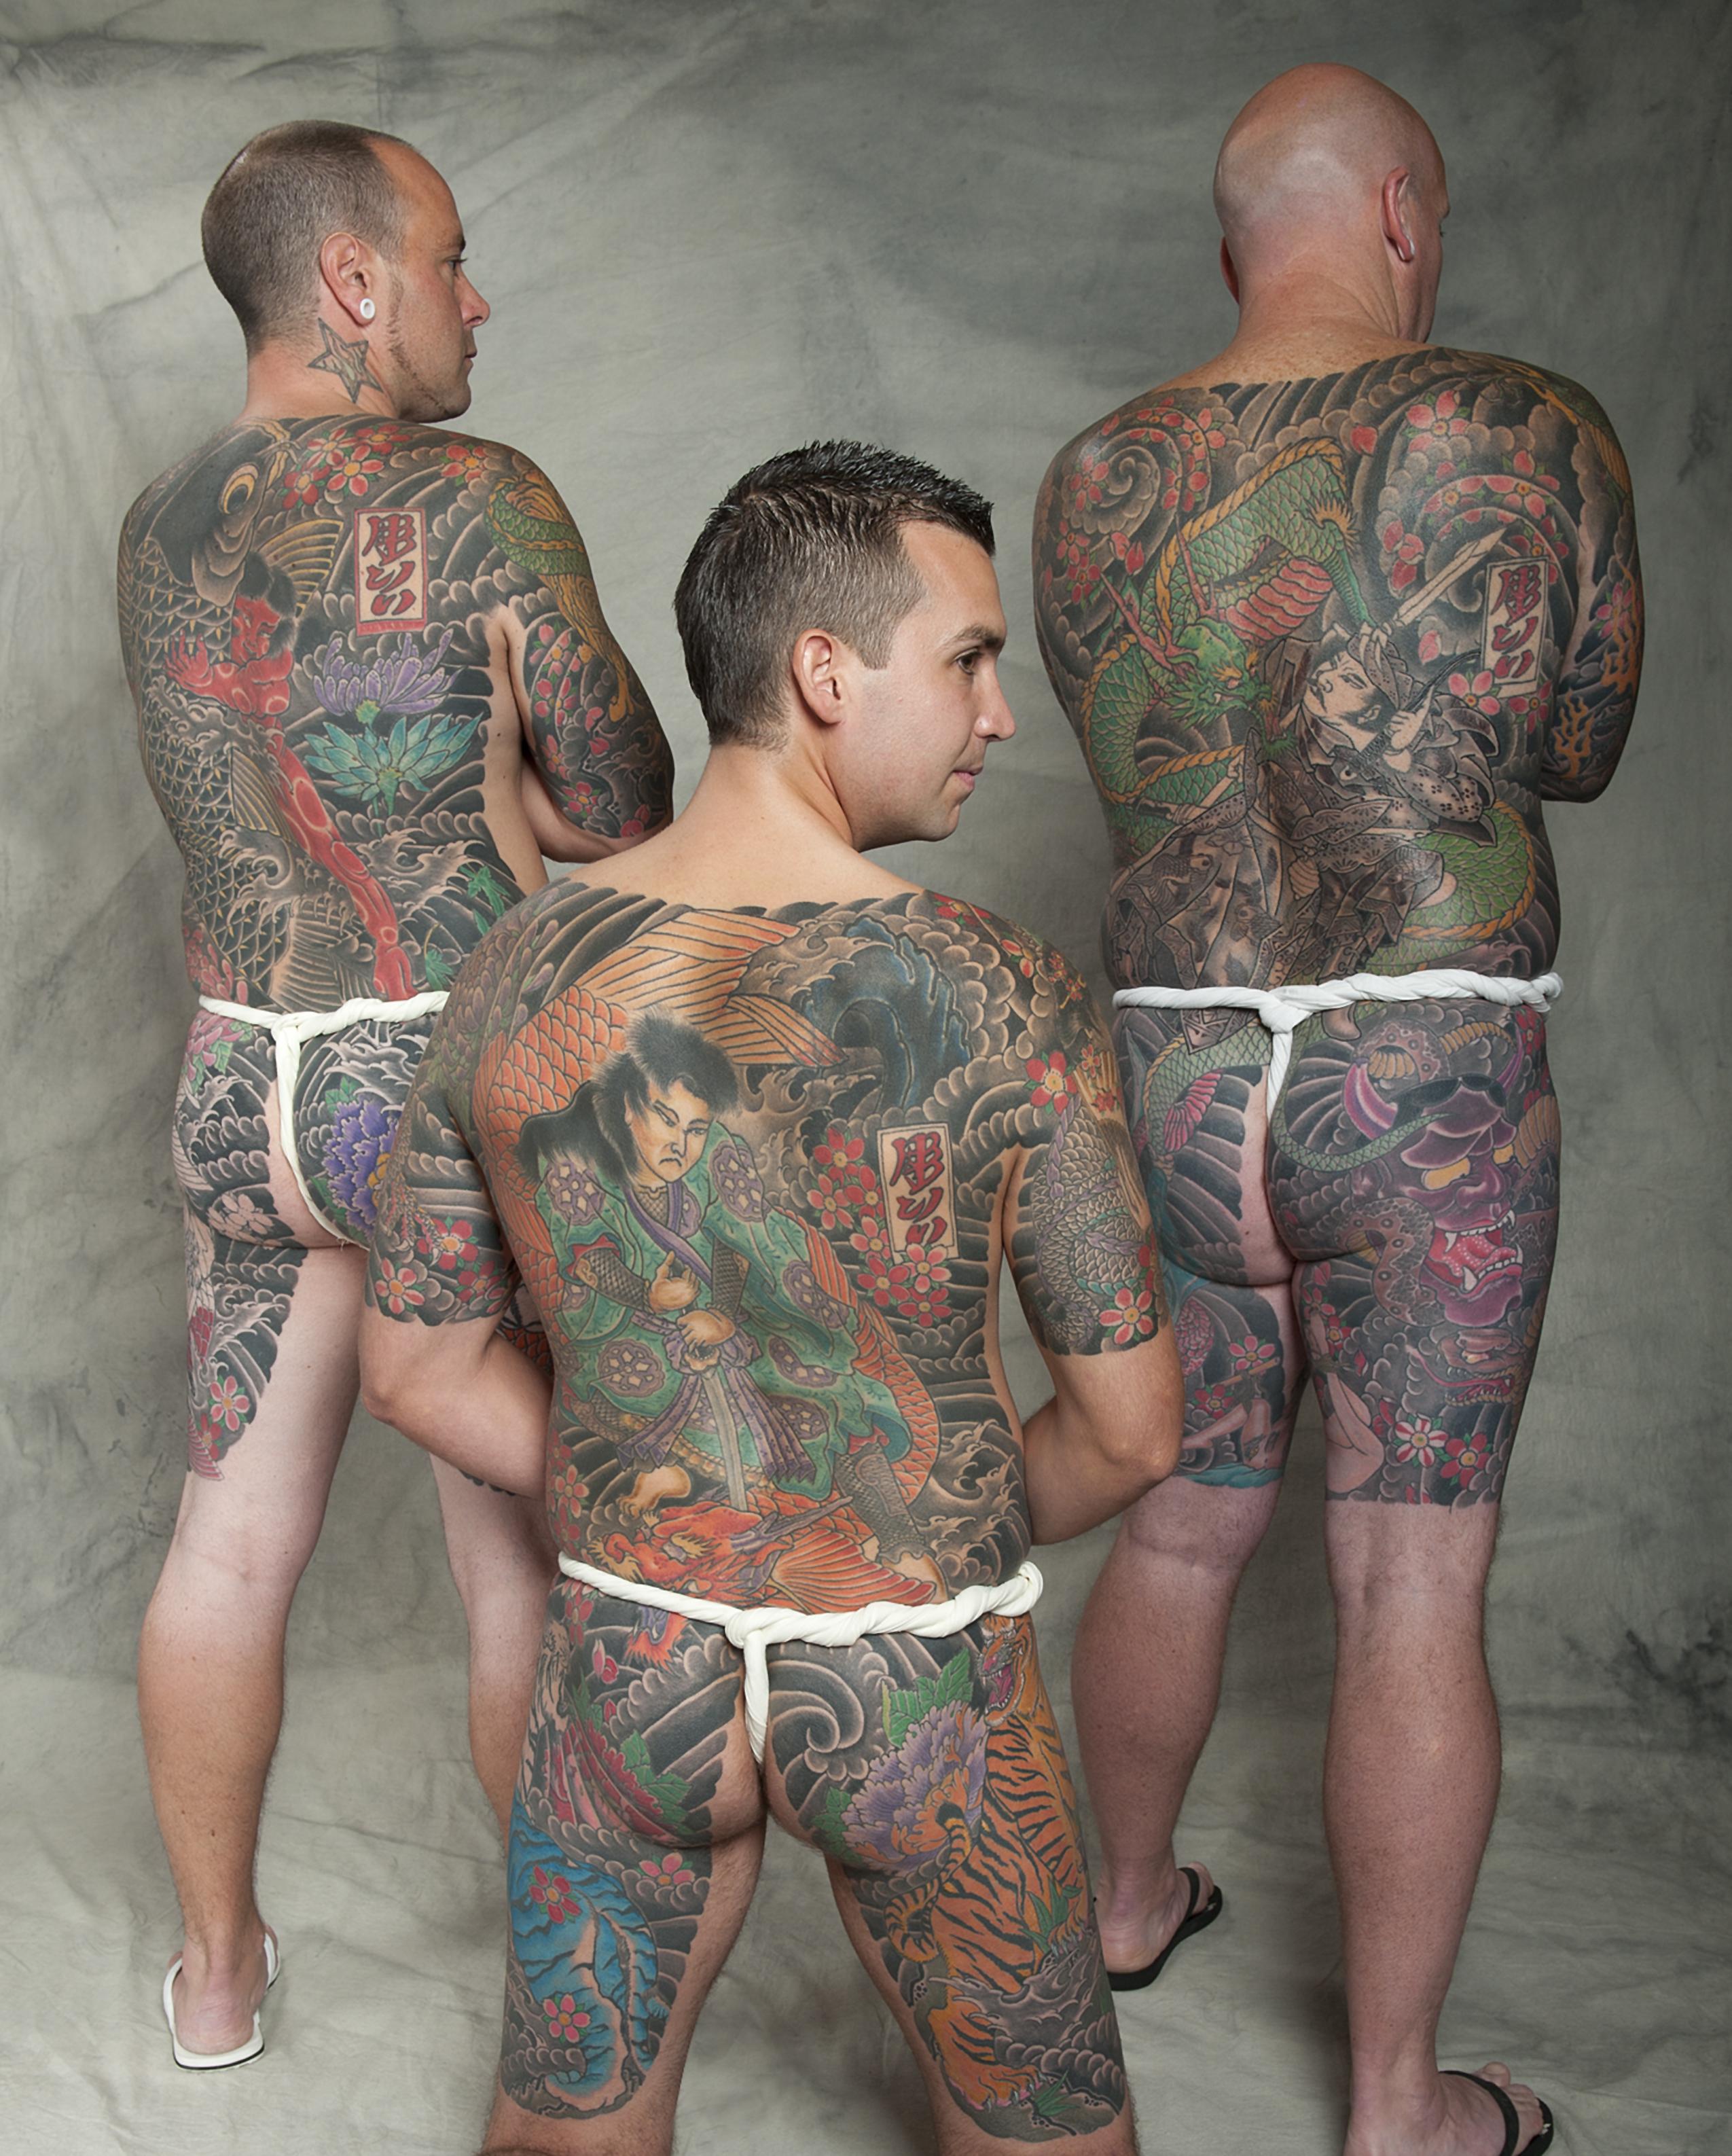 李·西蒙&丹,艺术家-李·西蒙兹@樱花盛开,沃尔顿